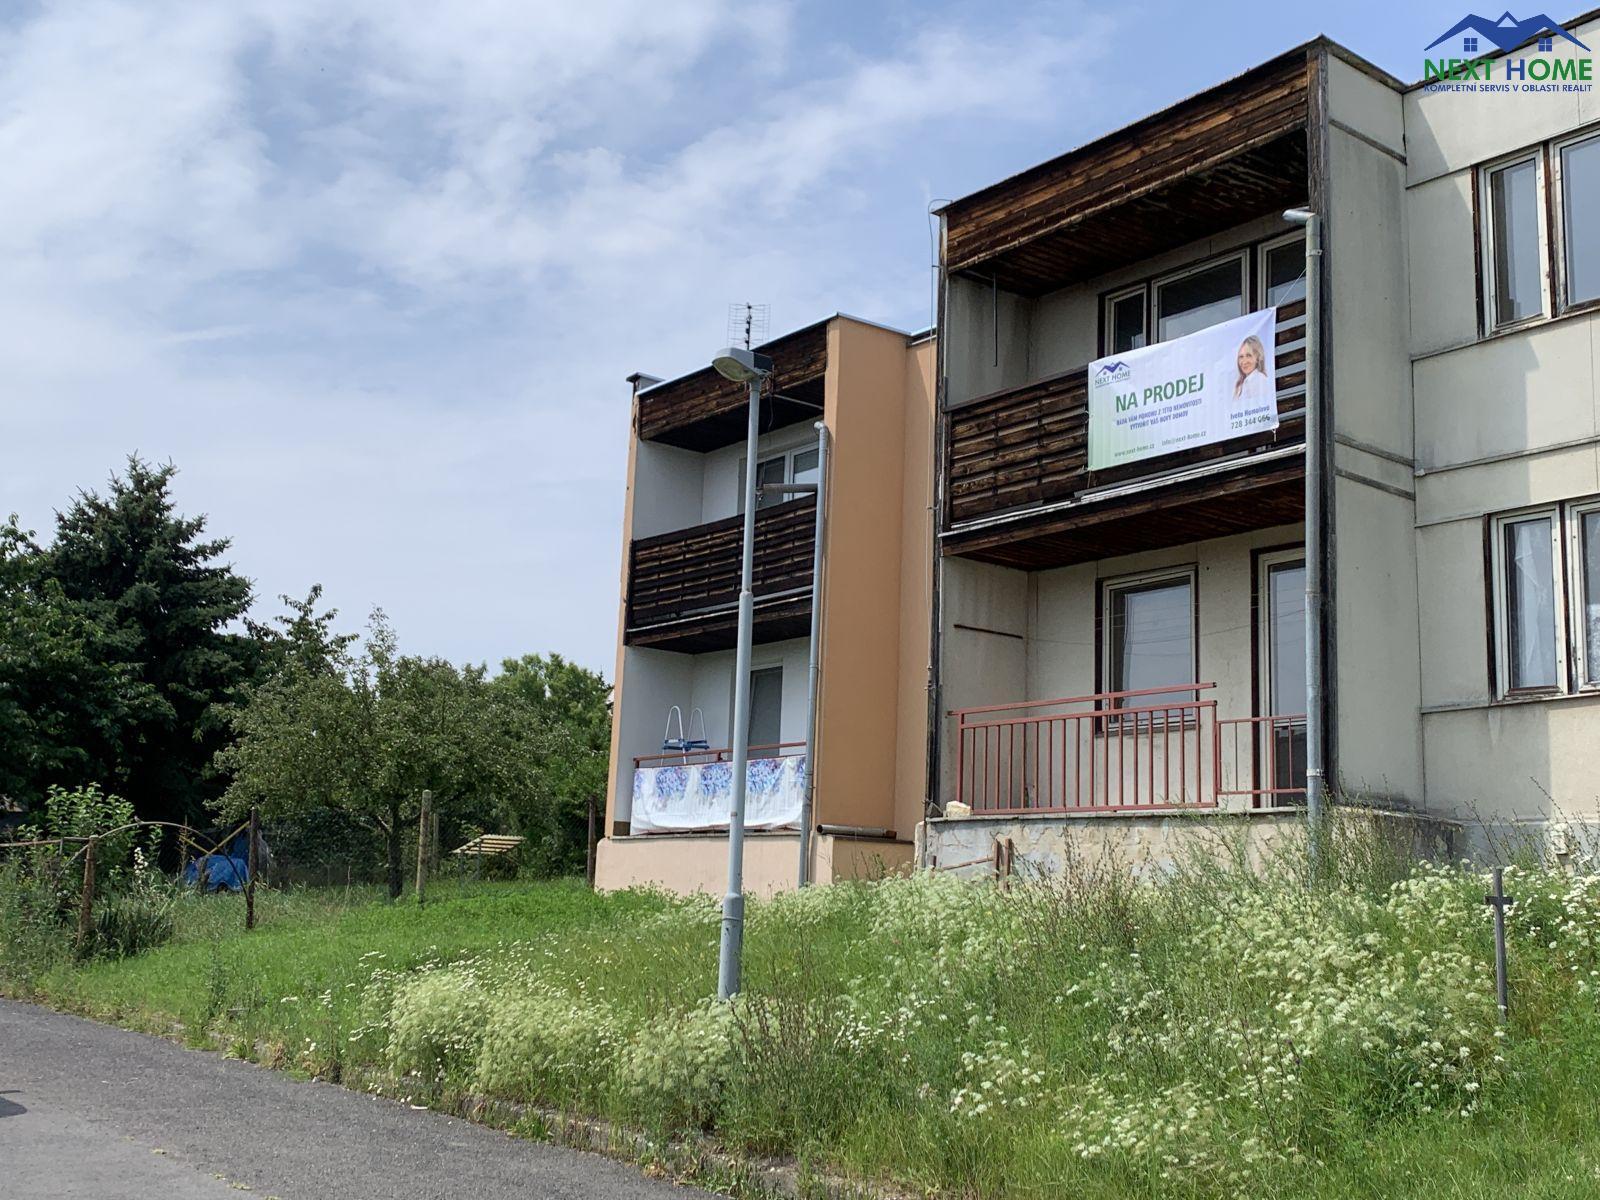 Prodej RD, okál, 5+1, garáž, zahrádka, celková plocha 199 m2, Chožov, okr. Louny.